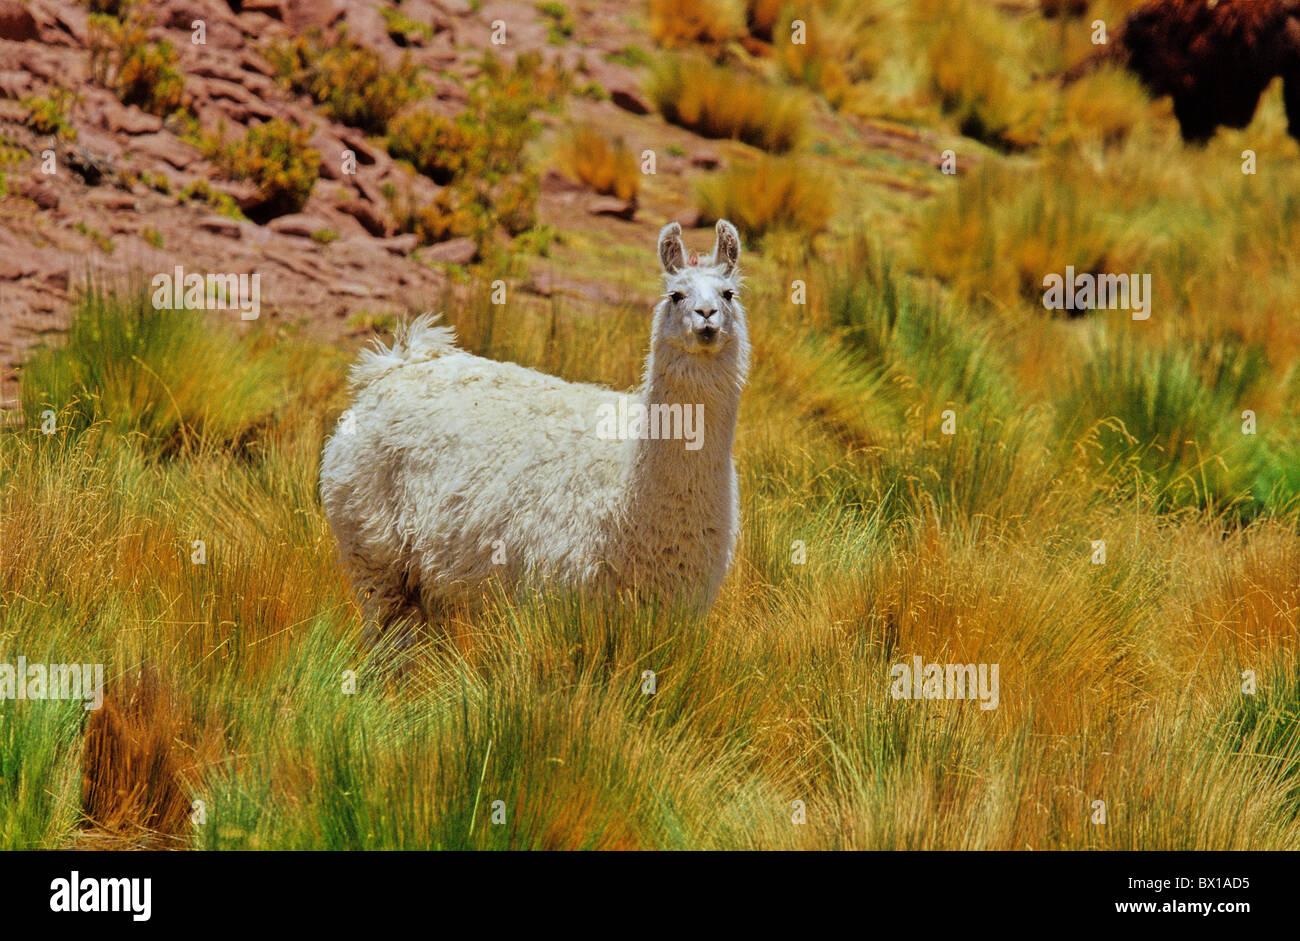 Andes Atacama Region Chile South America Lama Lama guanicoe glama animal - Stock Image